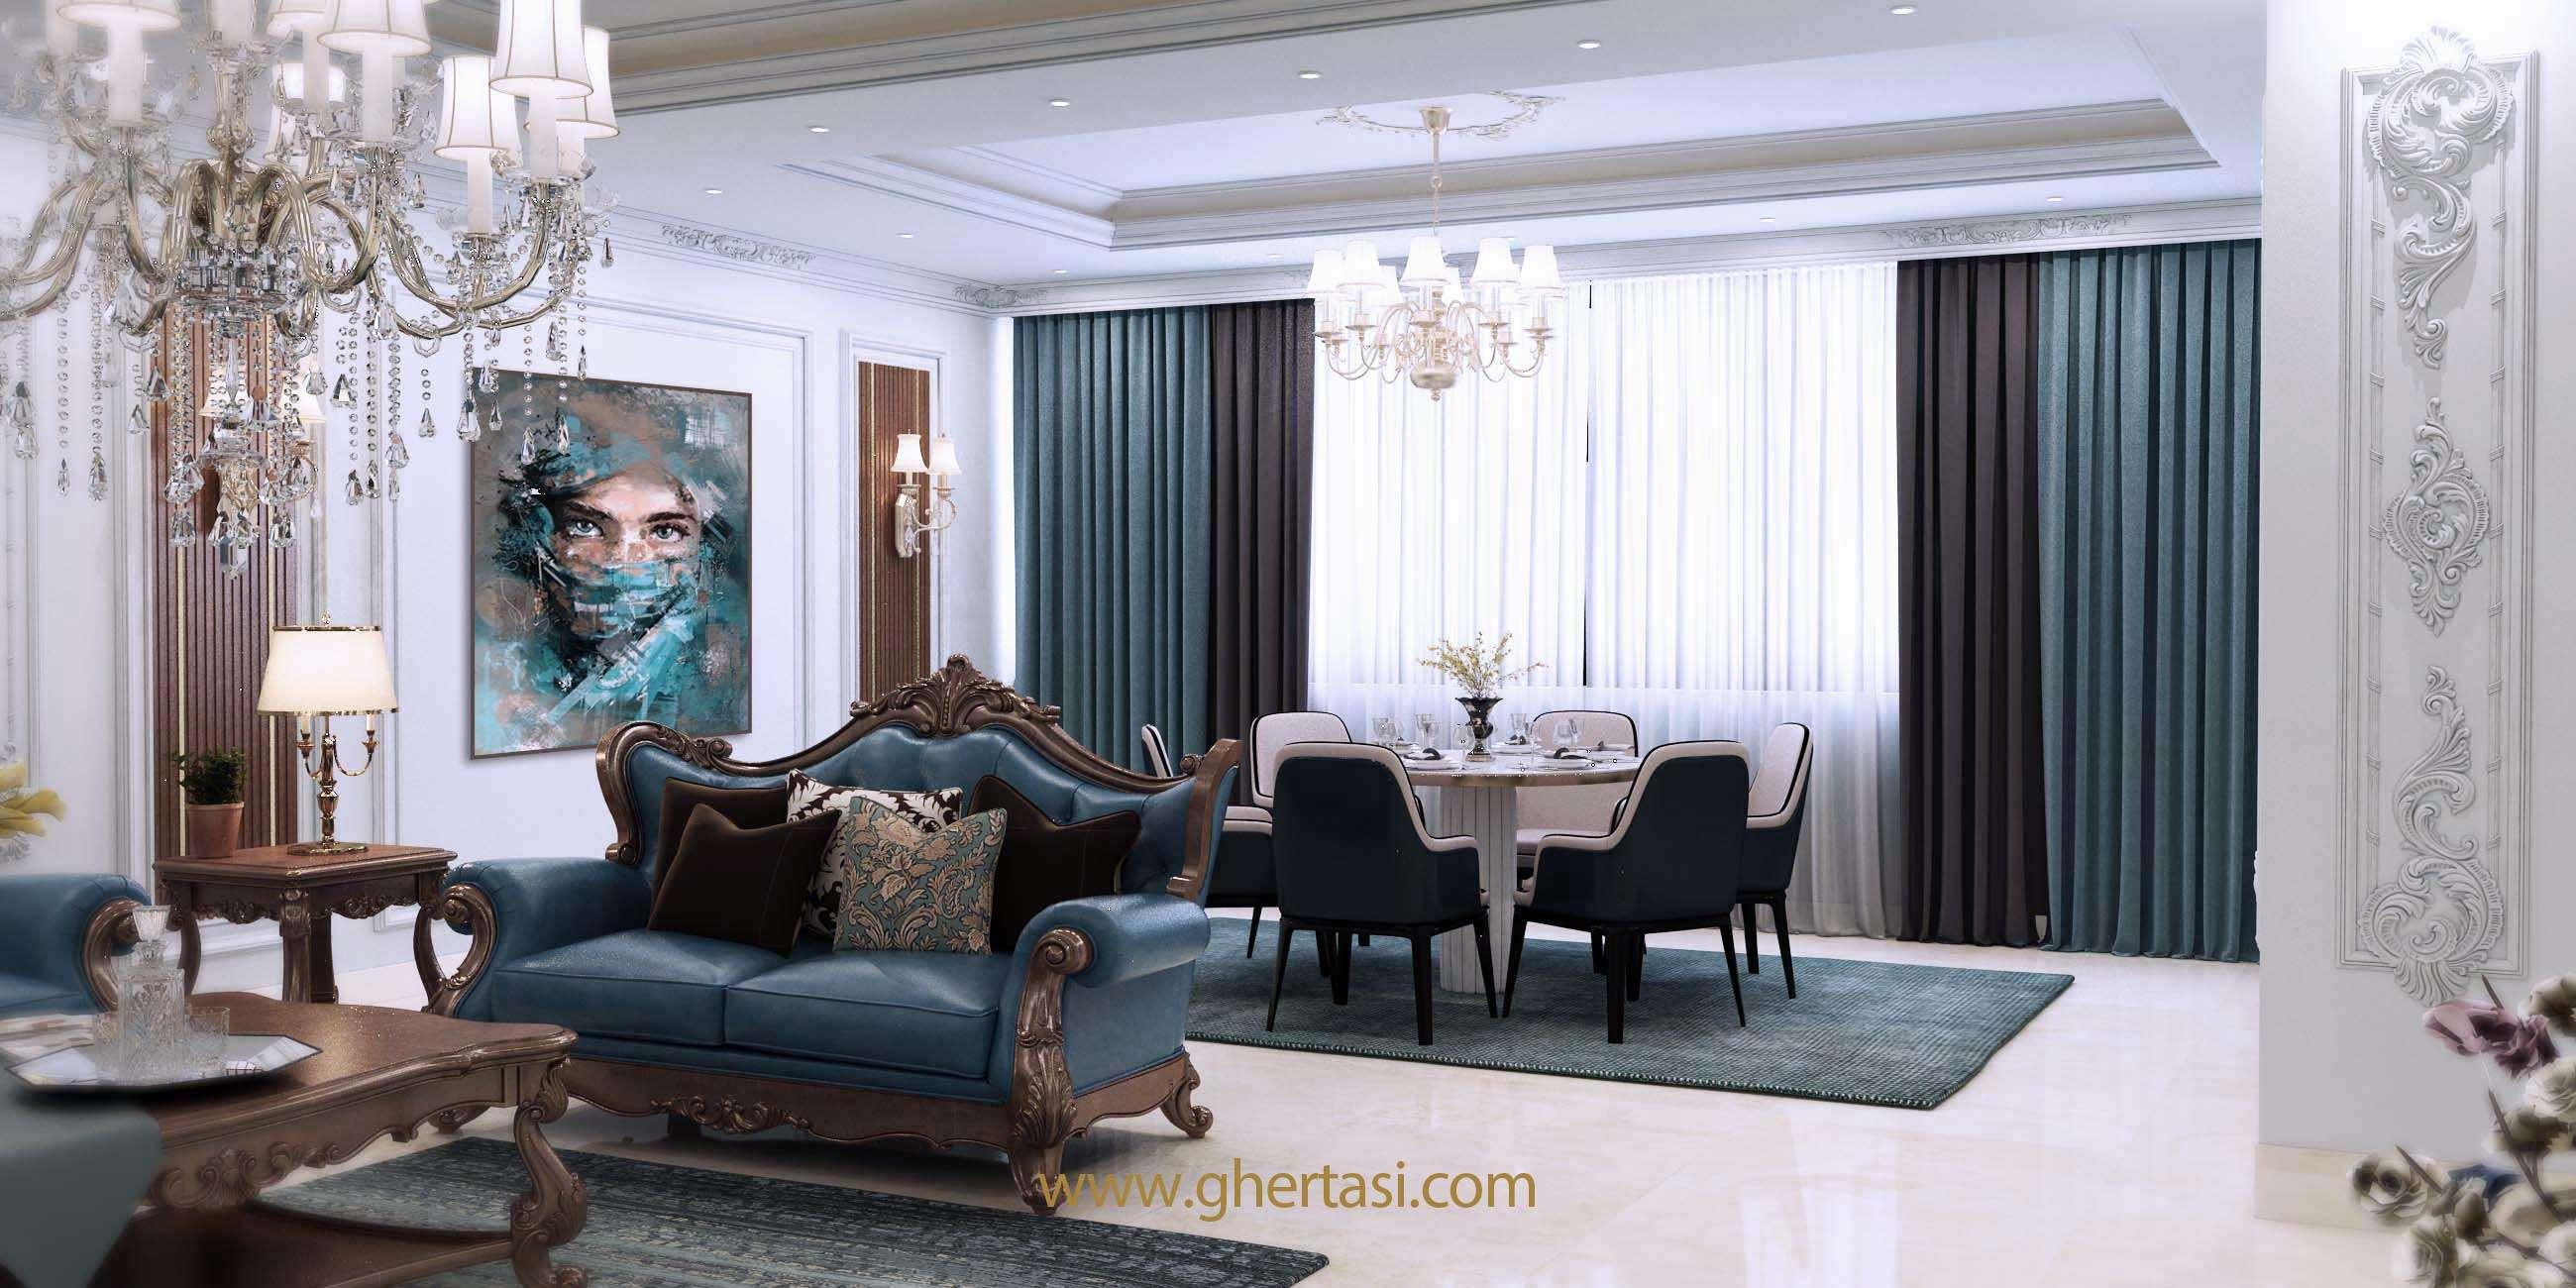 طراحی داخلی واحدهای مسکونی مجتمع تجاری مسکونی مهتاب